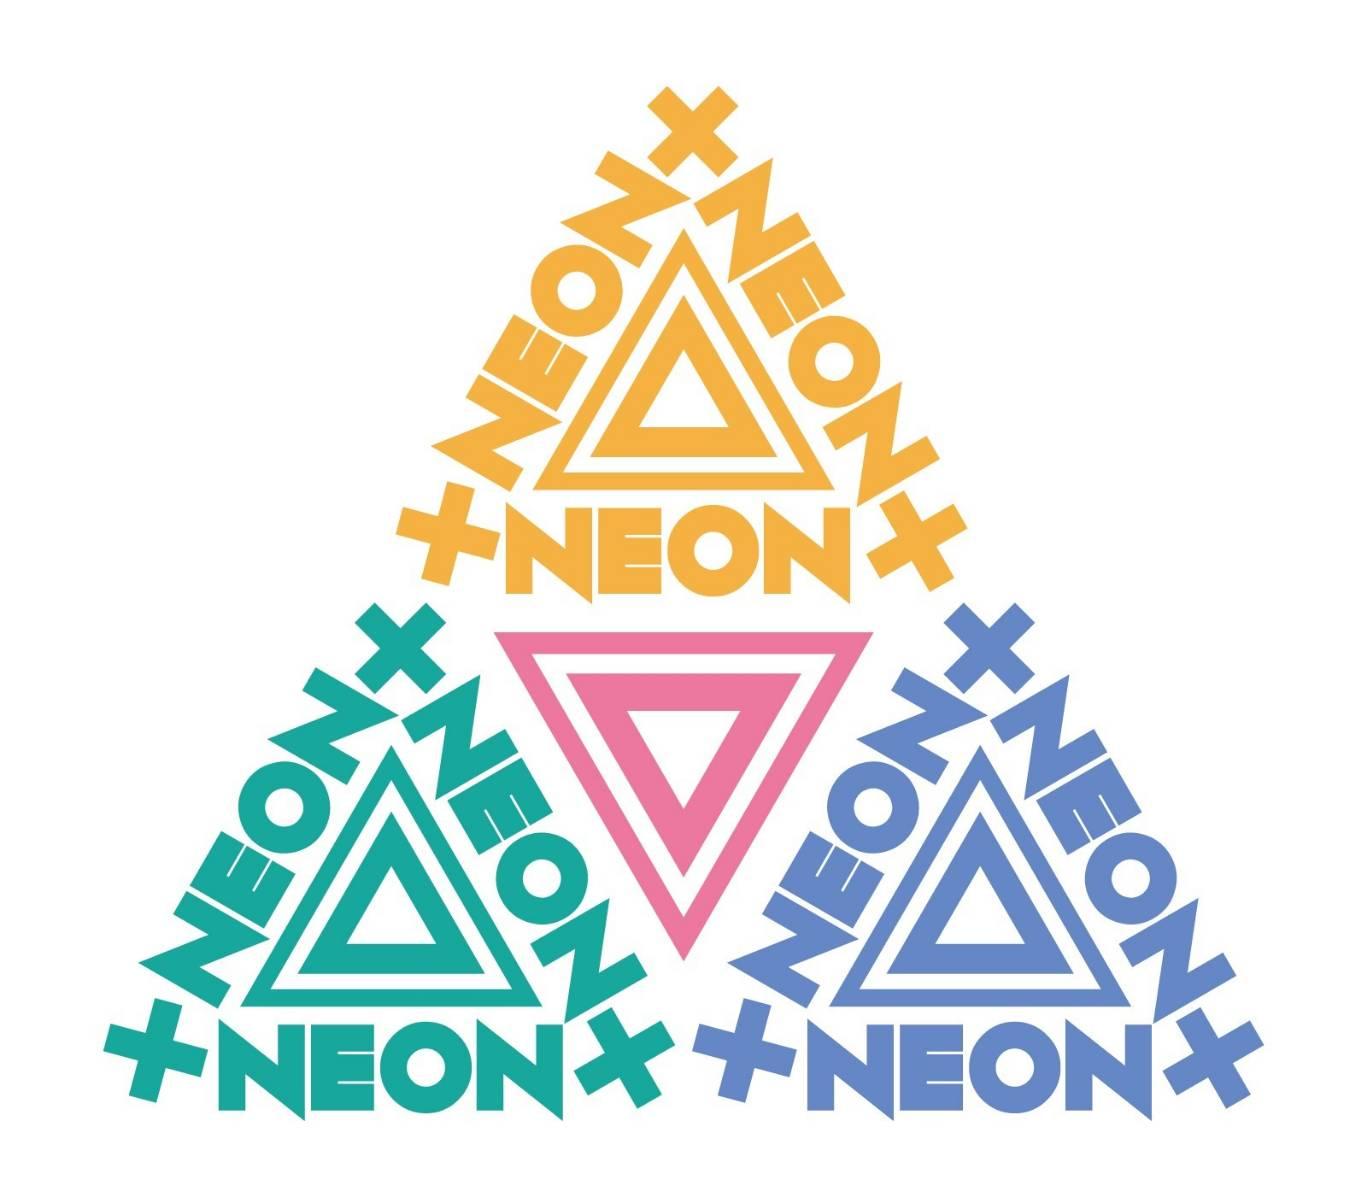 2019年5月28日(火) 『NEON×NEON×NEON』